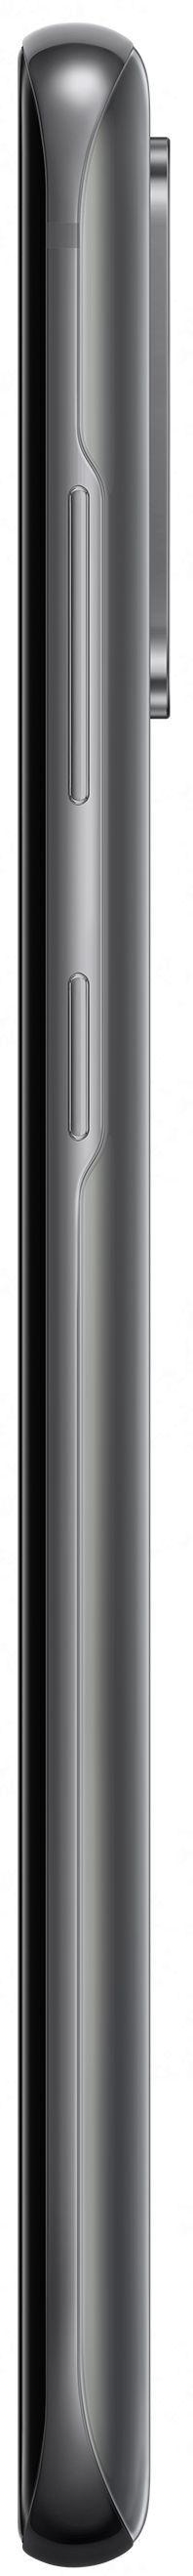 Смартфон Samsung Galaxy S20 (SM-G980FZADSEK) Gray от Територія твоєї техніки - 3